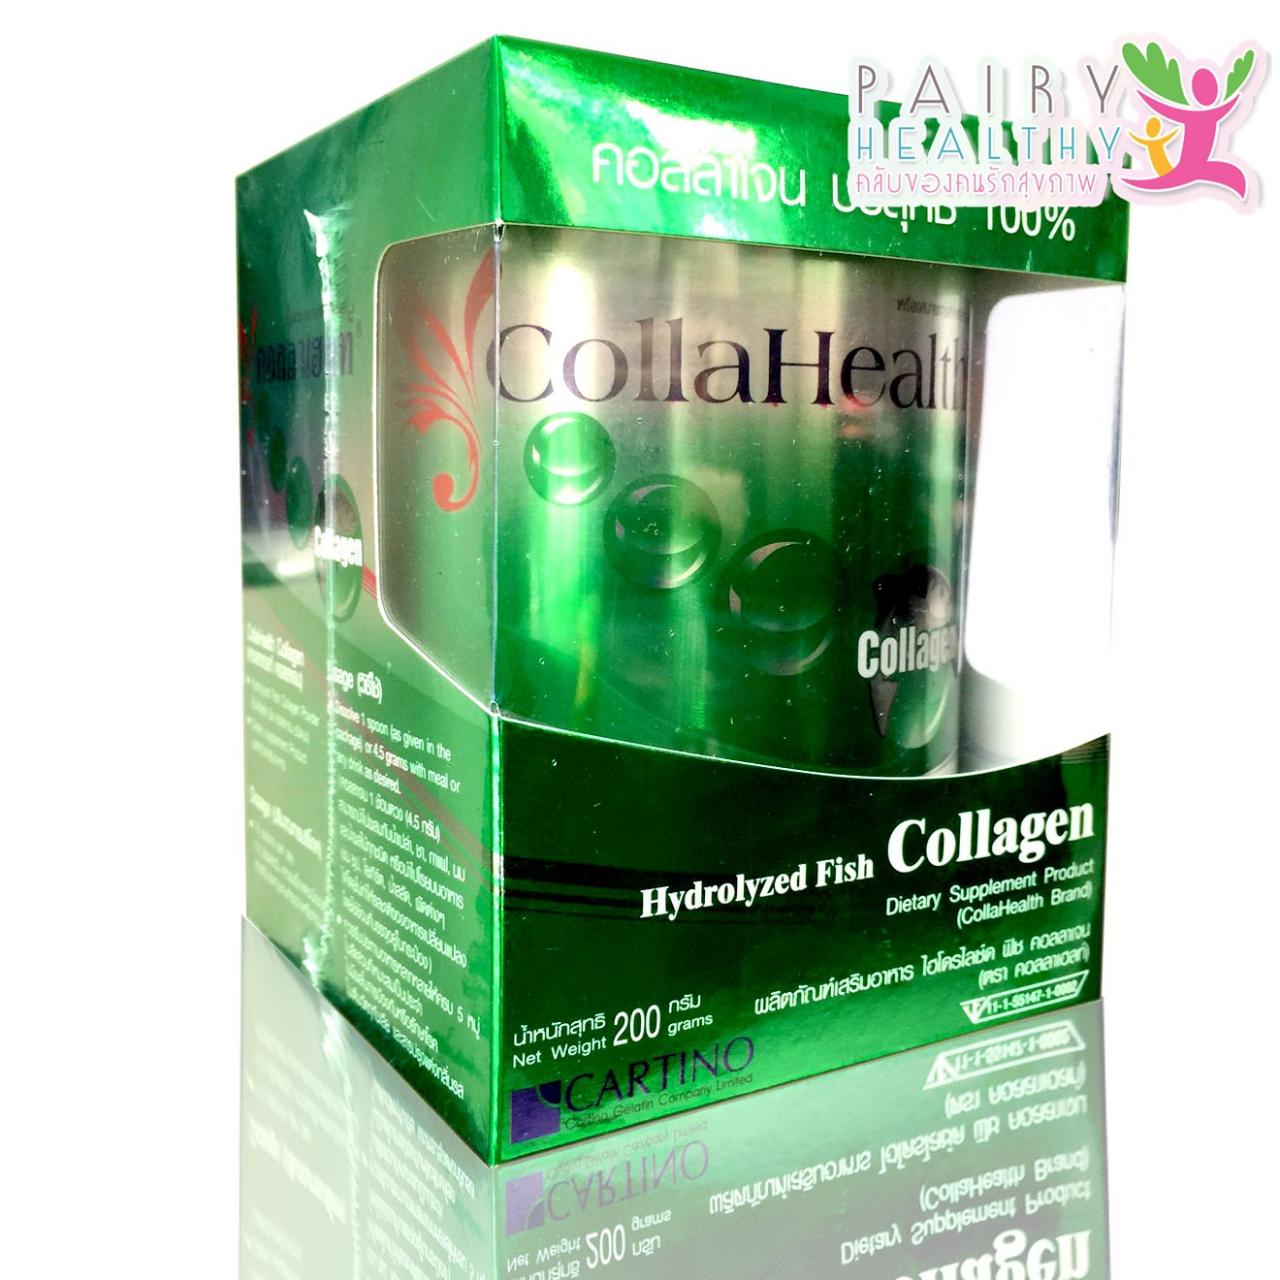 CollaHealth +C (คอลลาเฮลท์ คอลลาเจน พลัส วิตมินซี) 200กรัม 825 บาท ส่งฟรี EMS